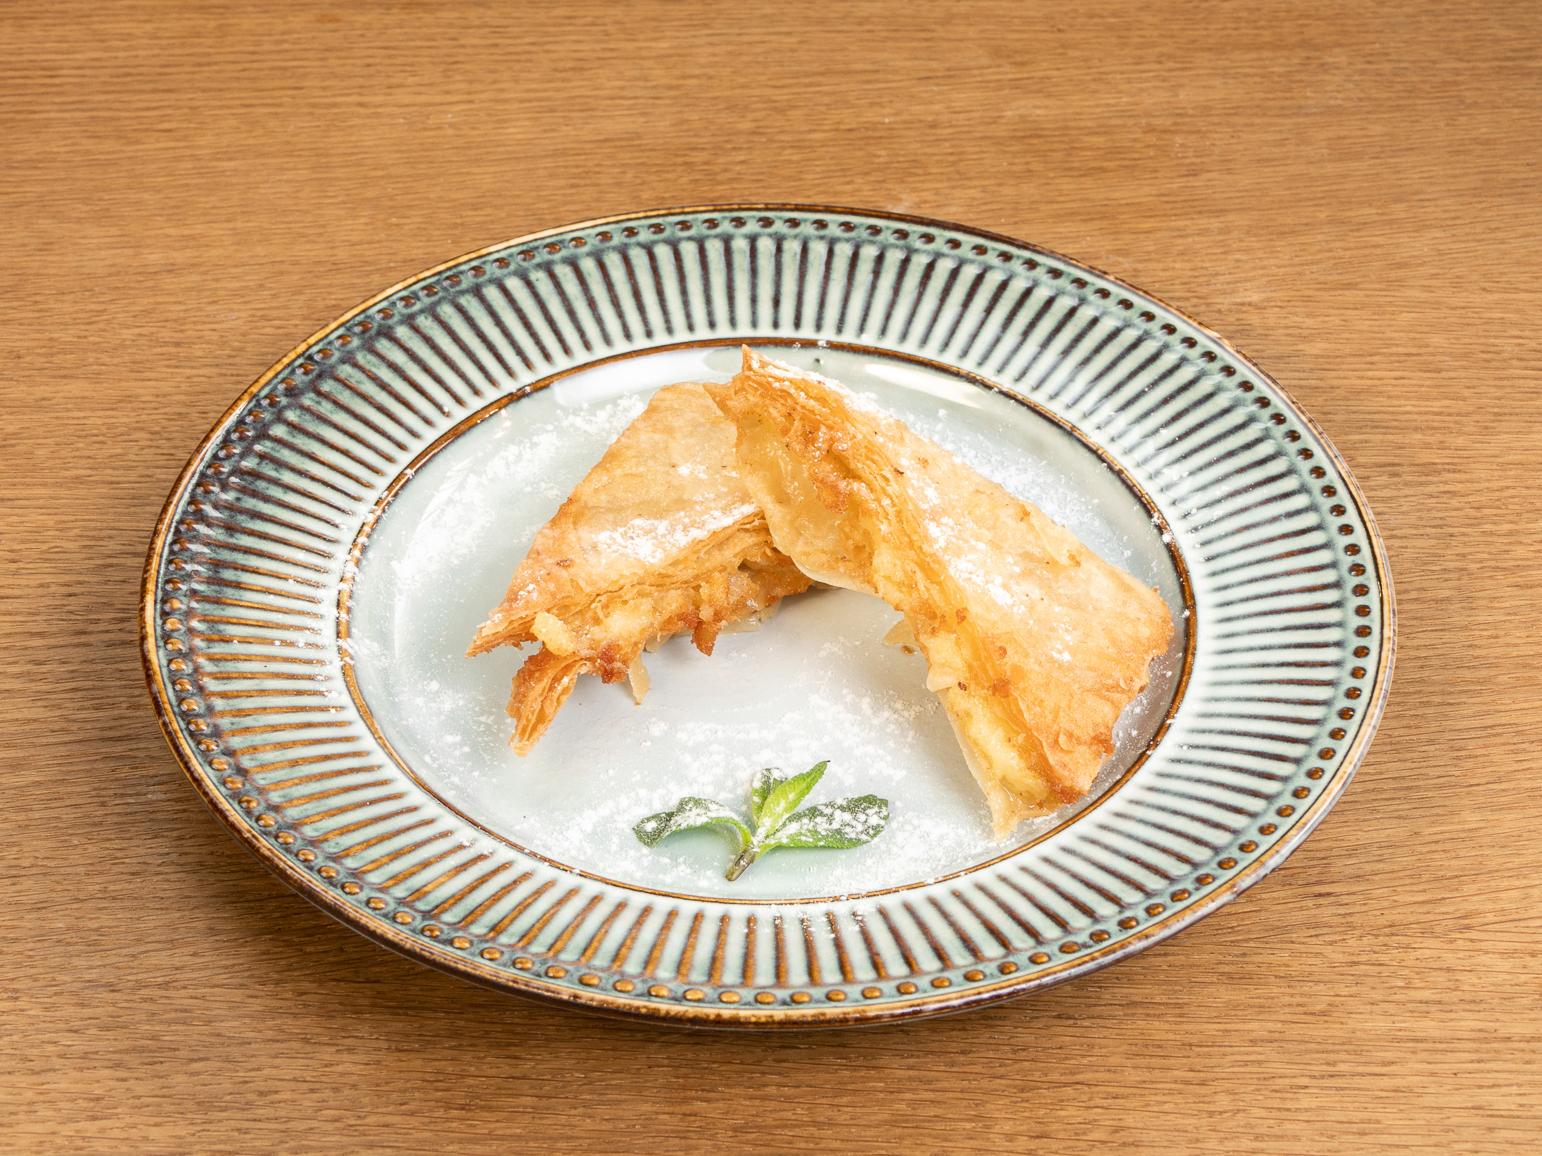 Греческий пирог с кремом Бугаца